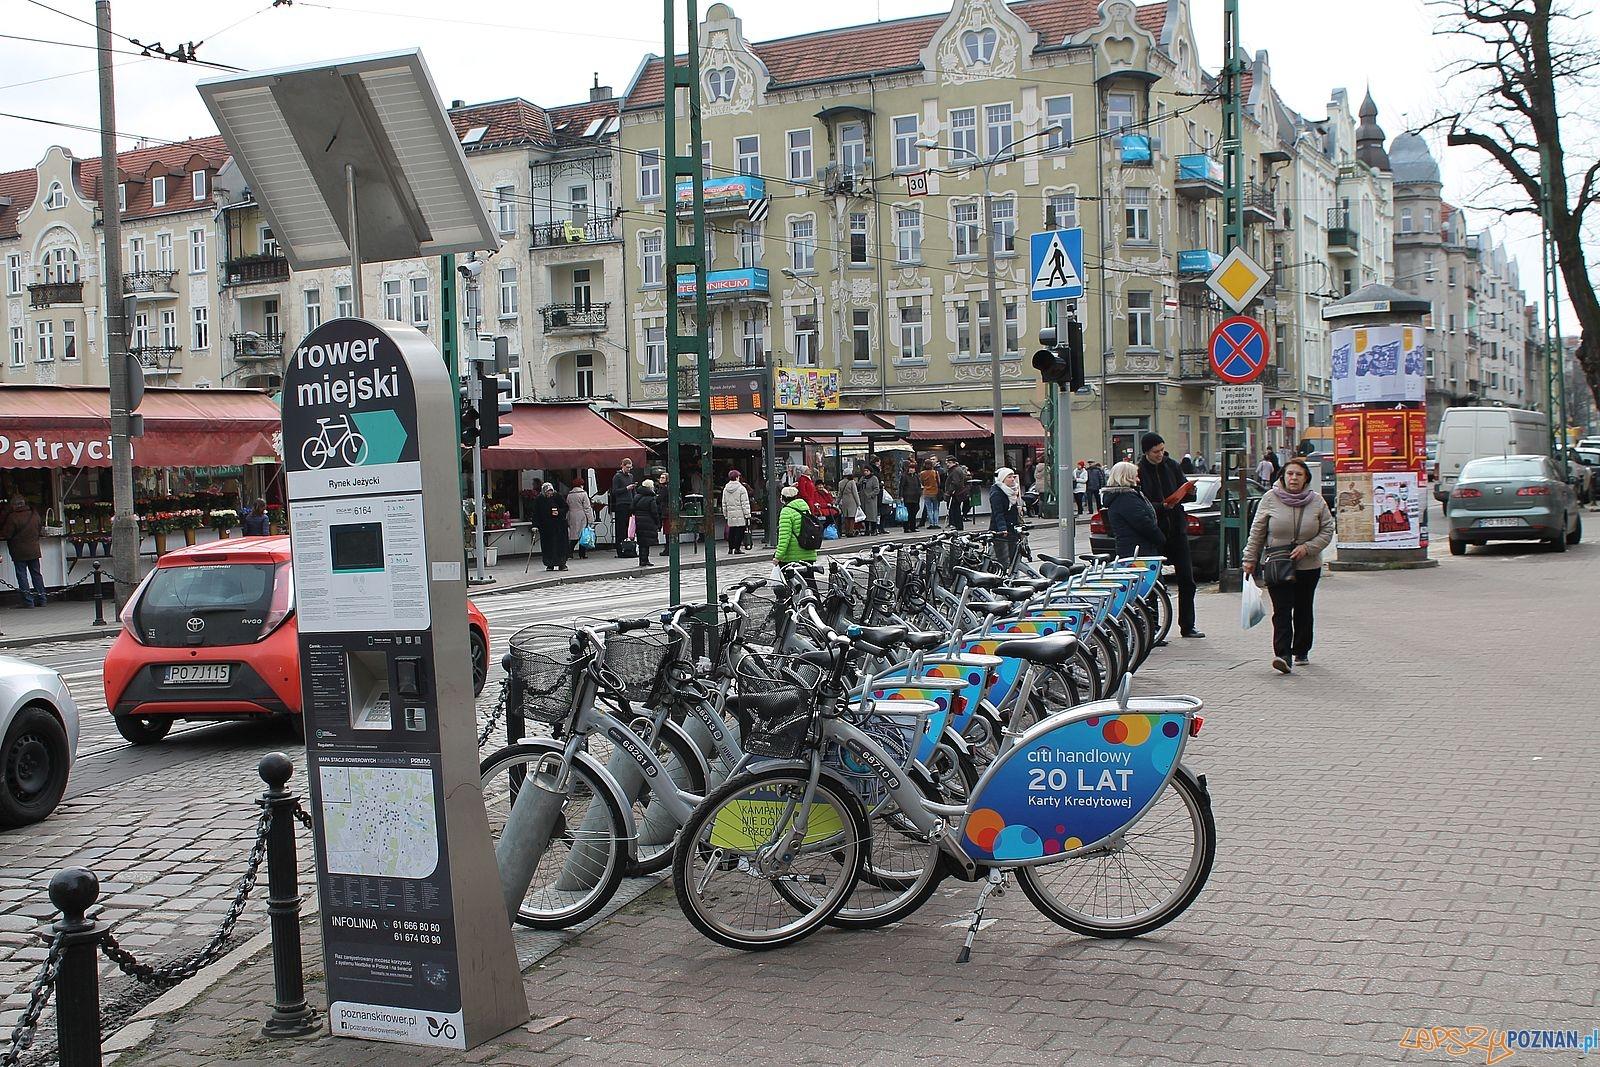 Stacja rowerowa Jeżyce - Kraszewskiego